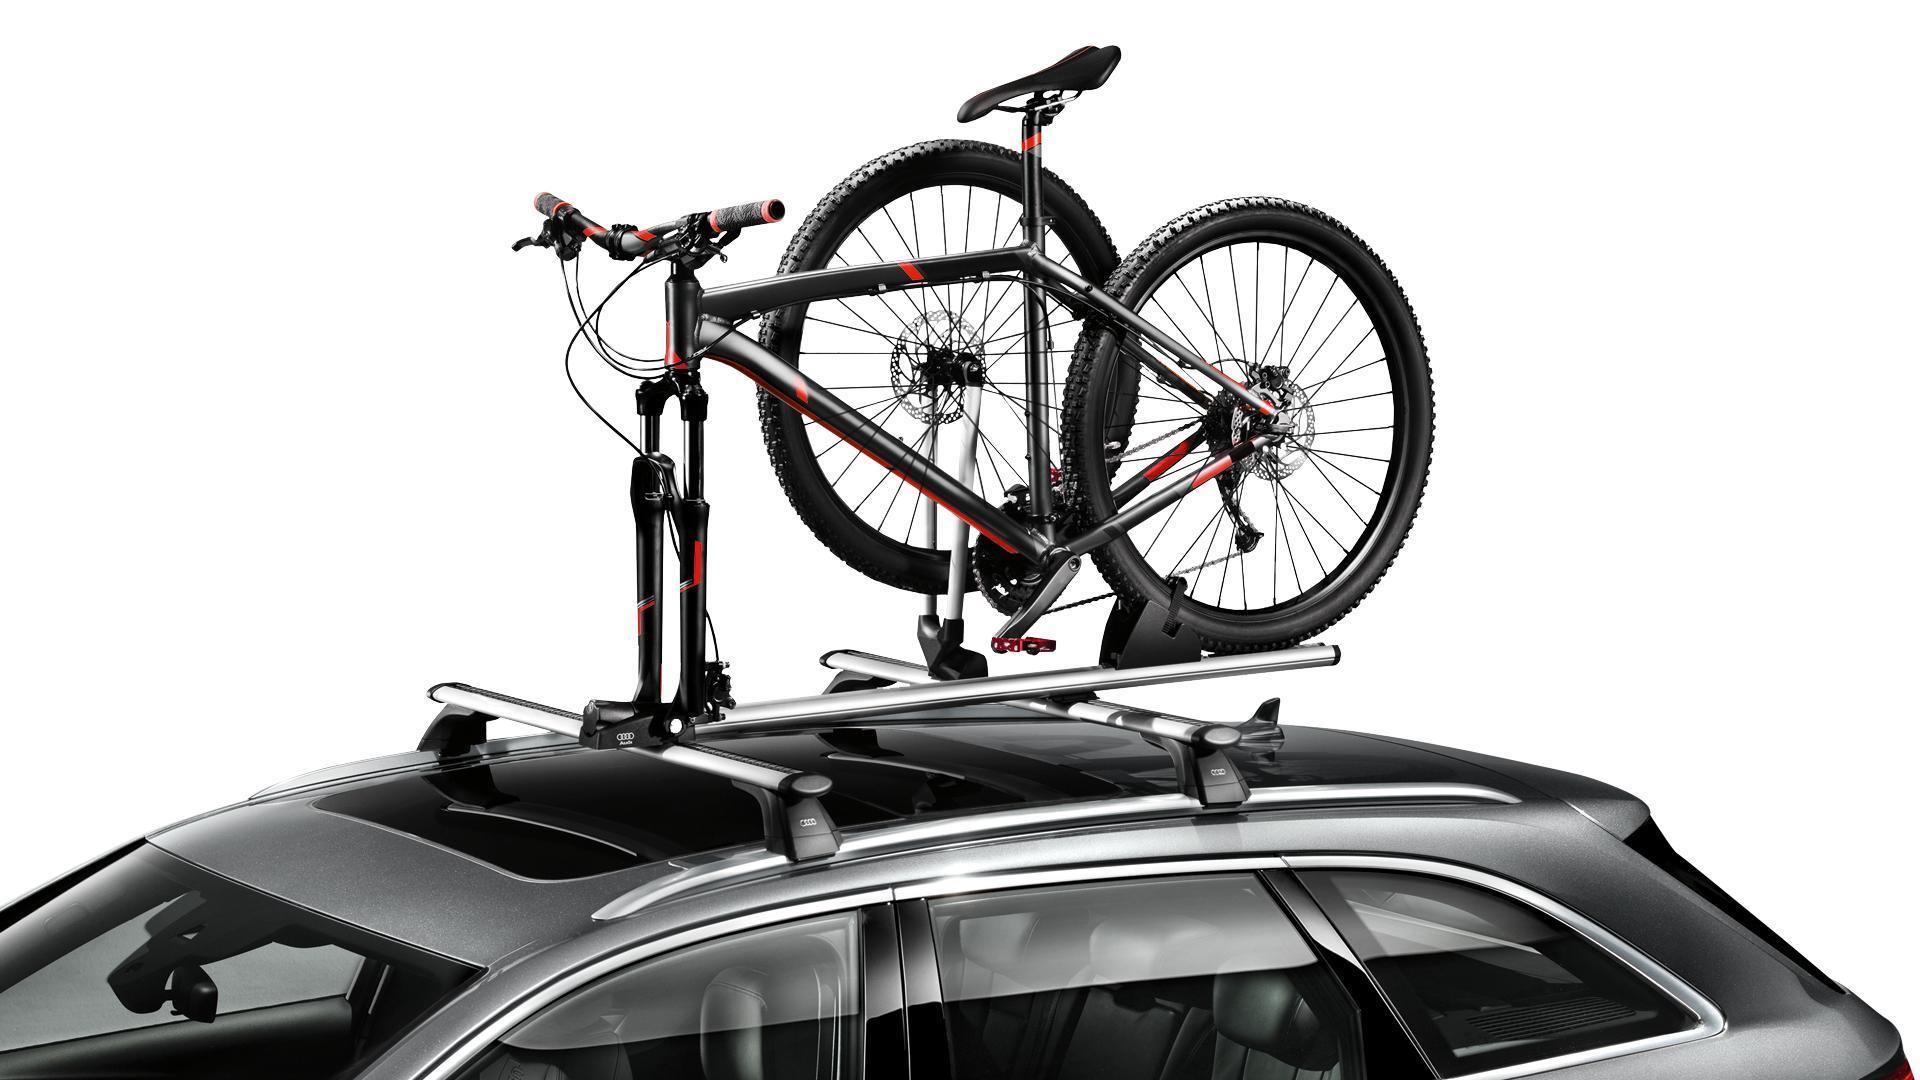 Audi Q5 Front Wheel Holder for Fork Mount Bike Holder - 8R0071128A   Audi Rocklin, Rocklin CA